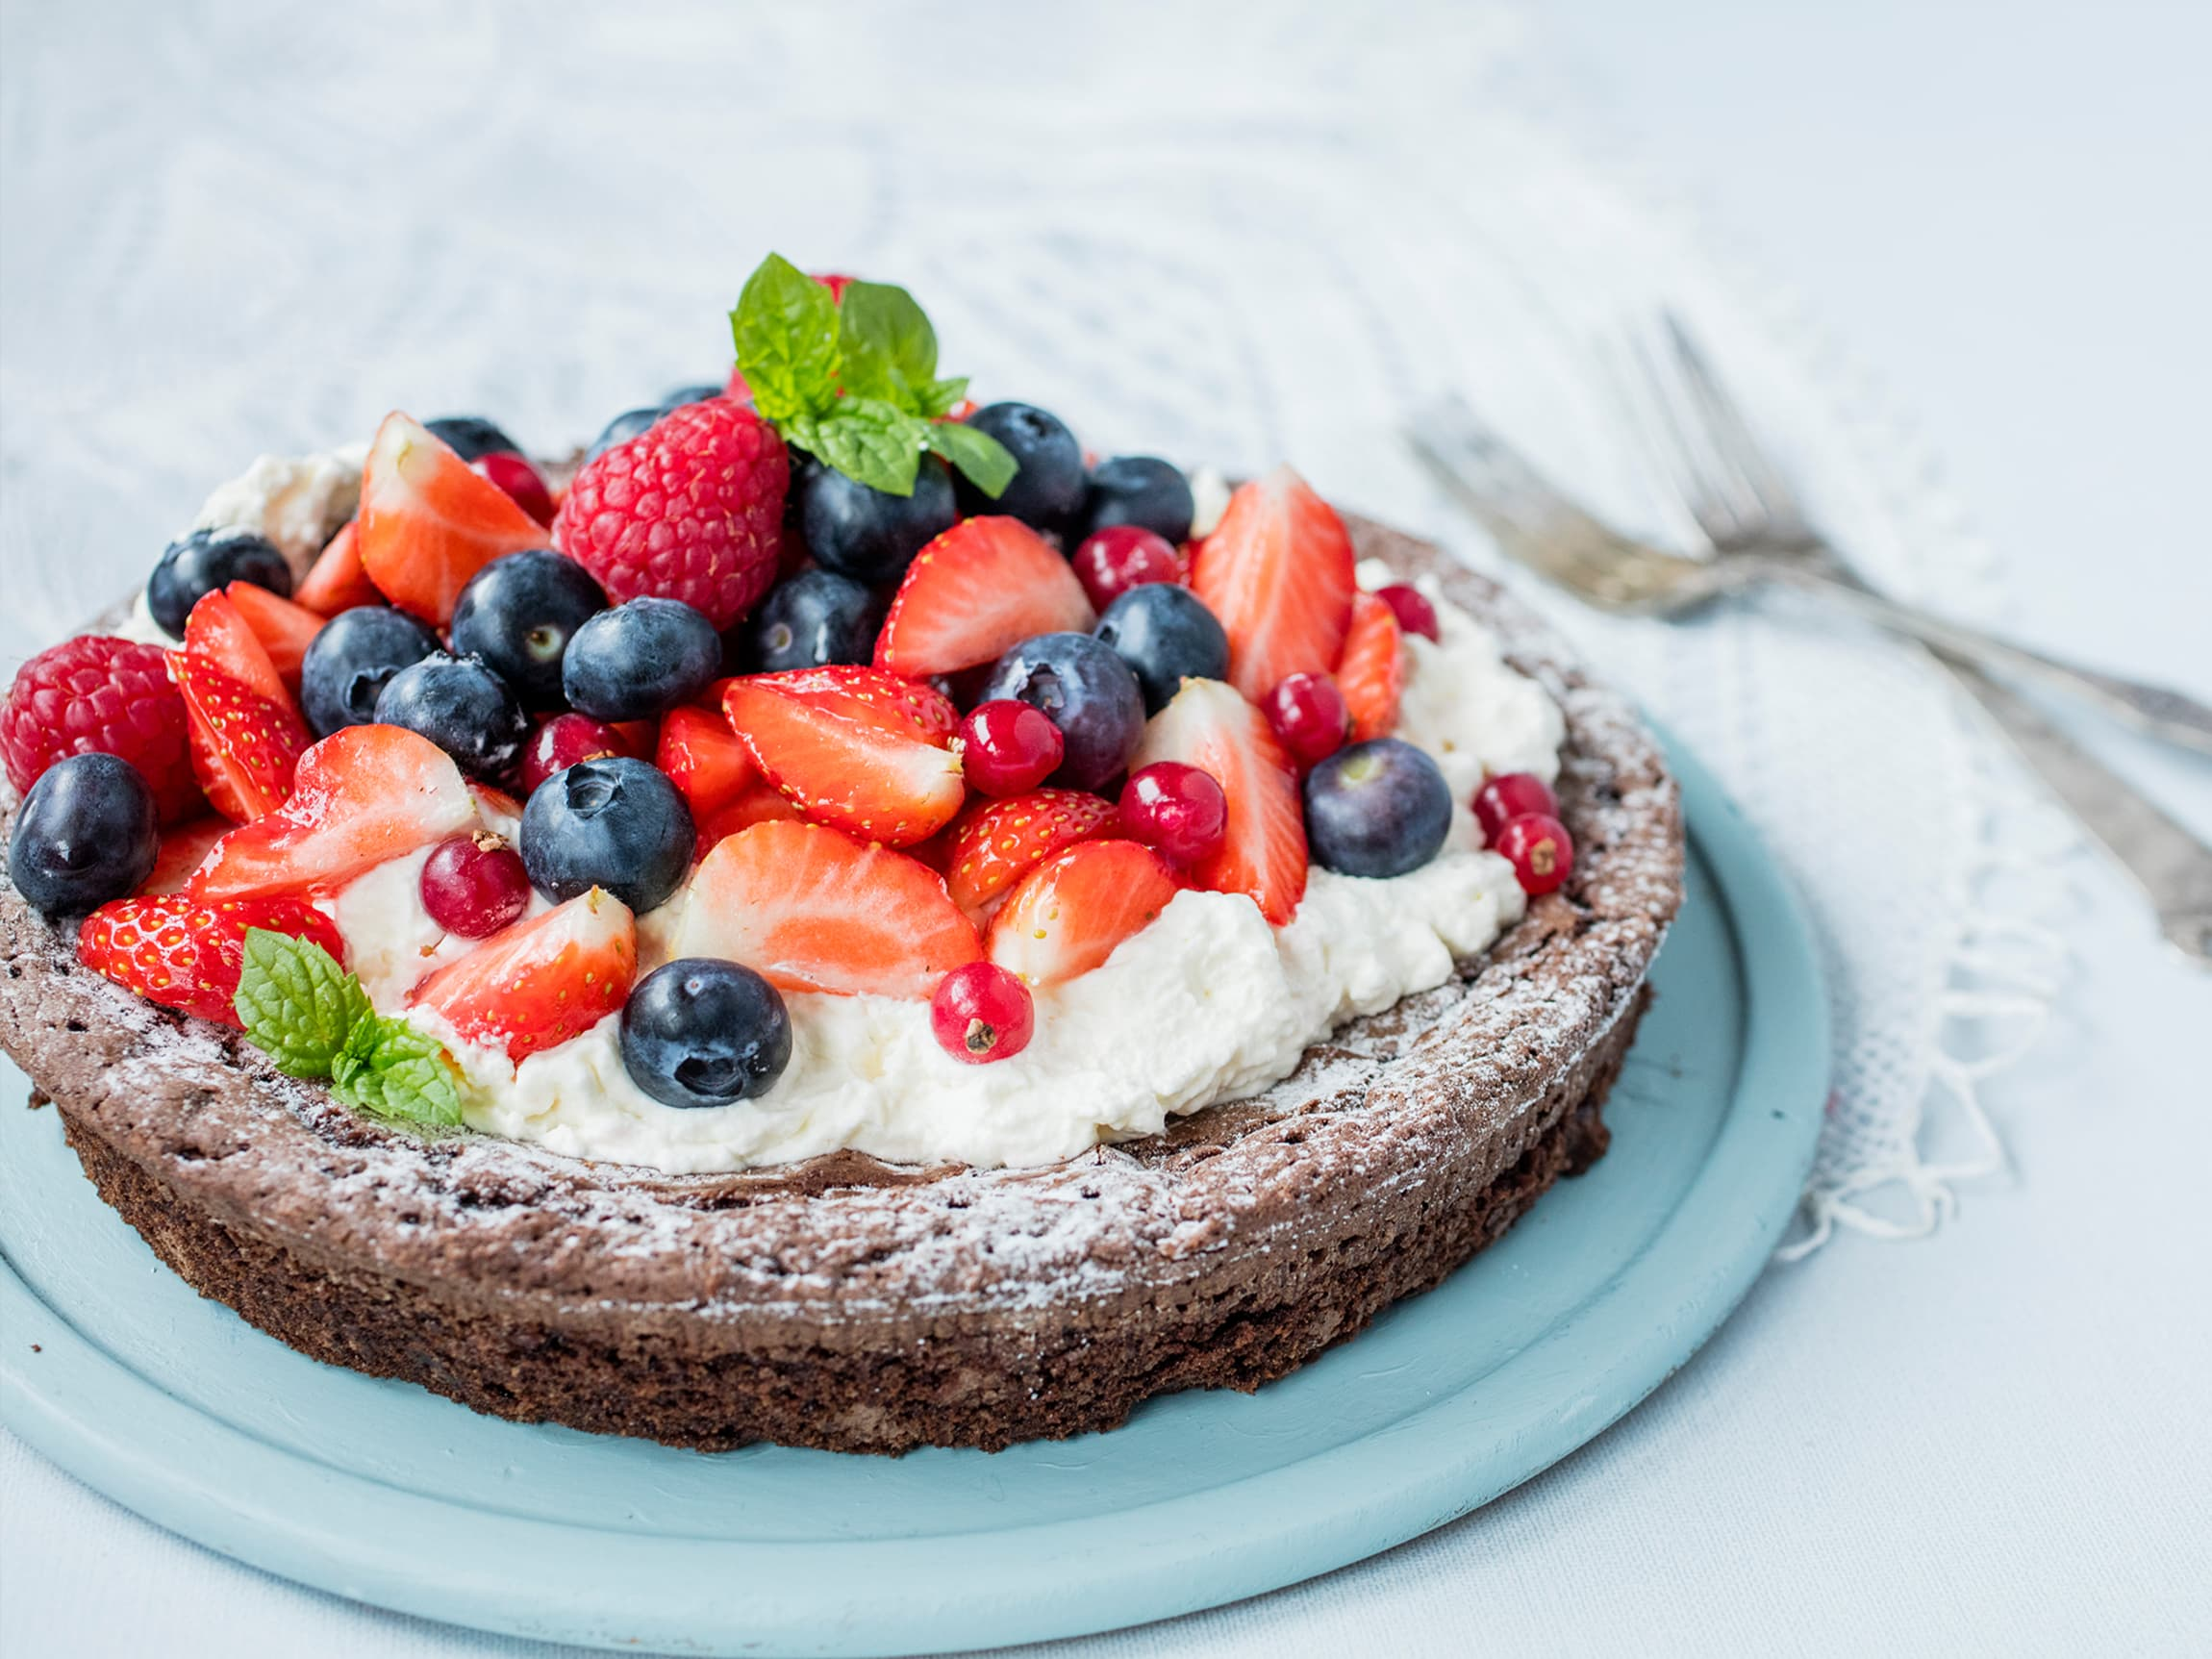 Sjokoladebrownie med friske bær er perfekt dessert i sommervarmen.